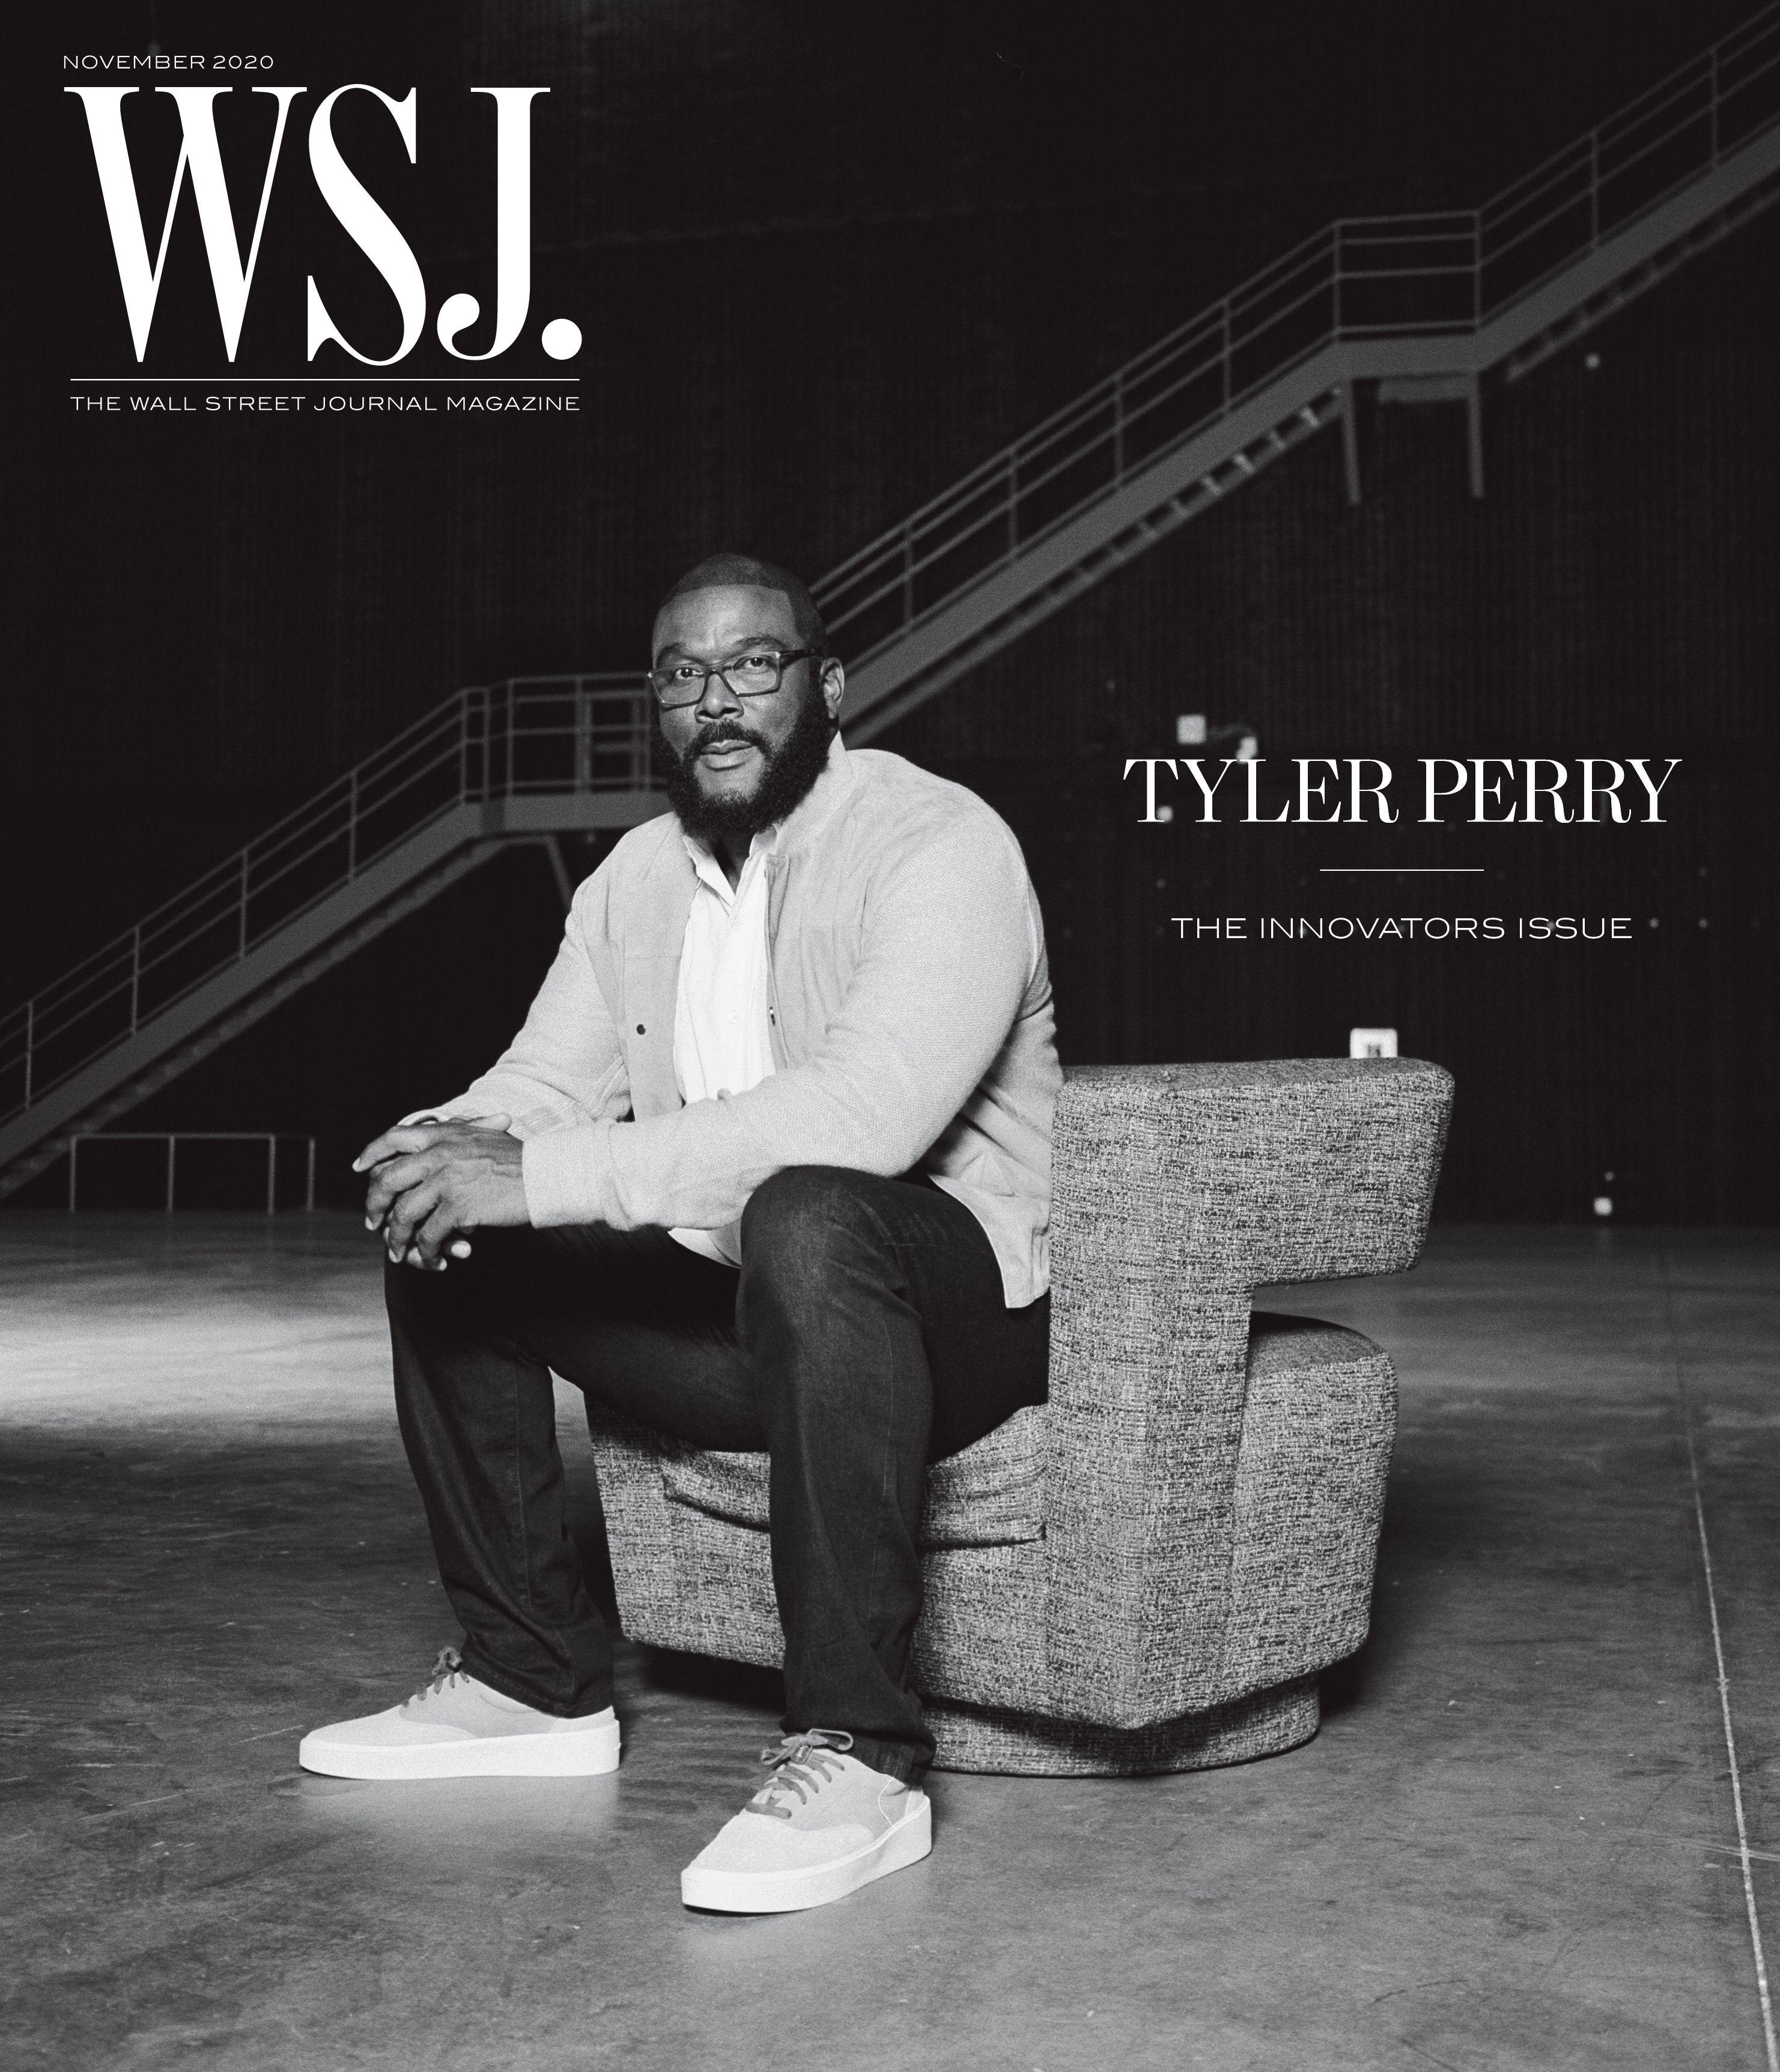 tyler-perry-entertainment-innovator-wsj.-magazine-november